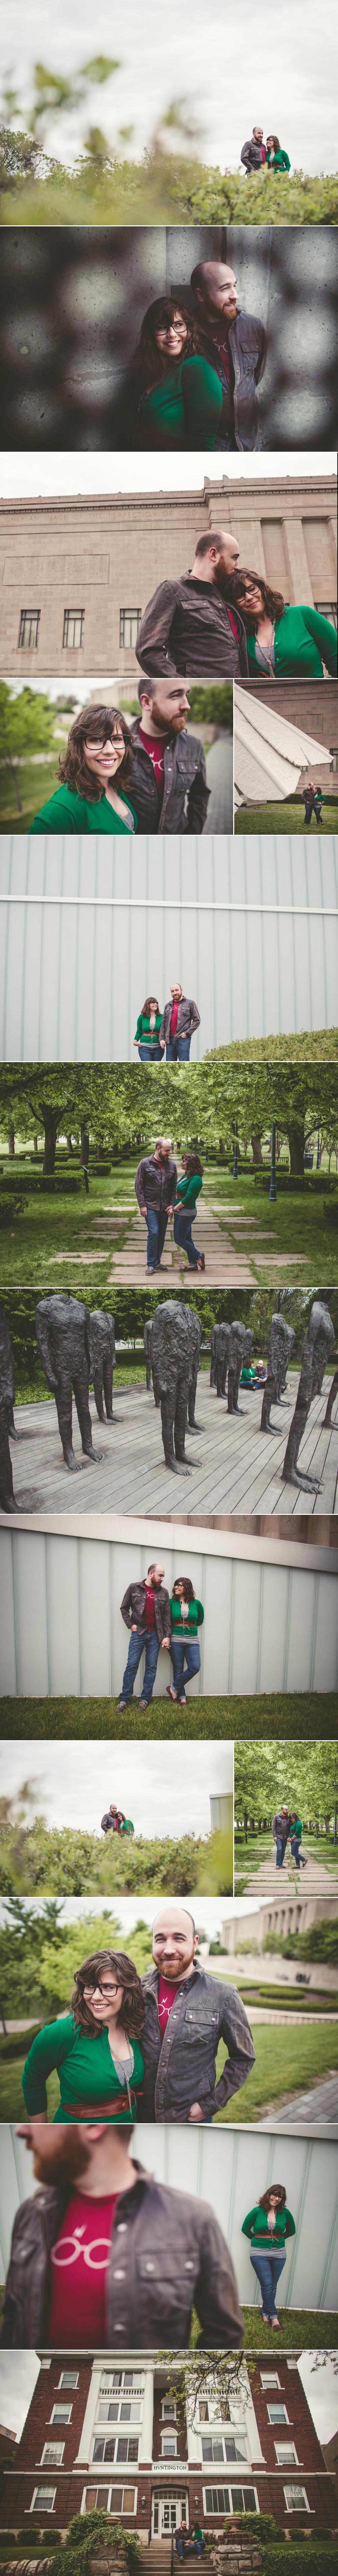 kansas_city_portraits_family_pictures_kc_best_photographer_nelson_atkins_couple_love